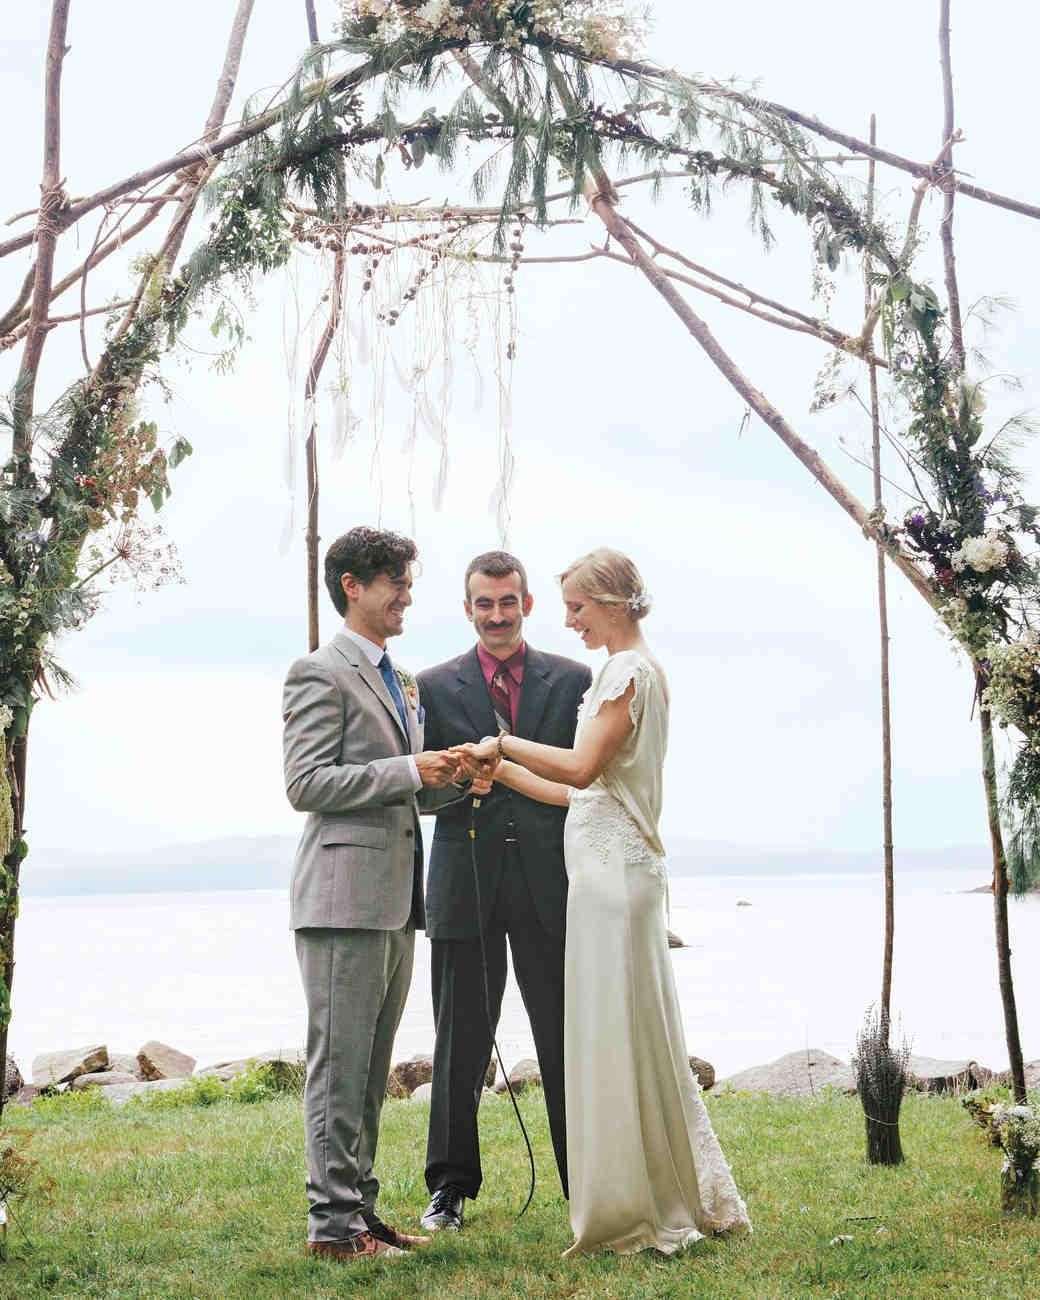 teresa-pepin-tp-318-bride-groom-s111105.jpg